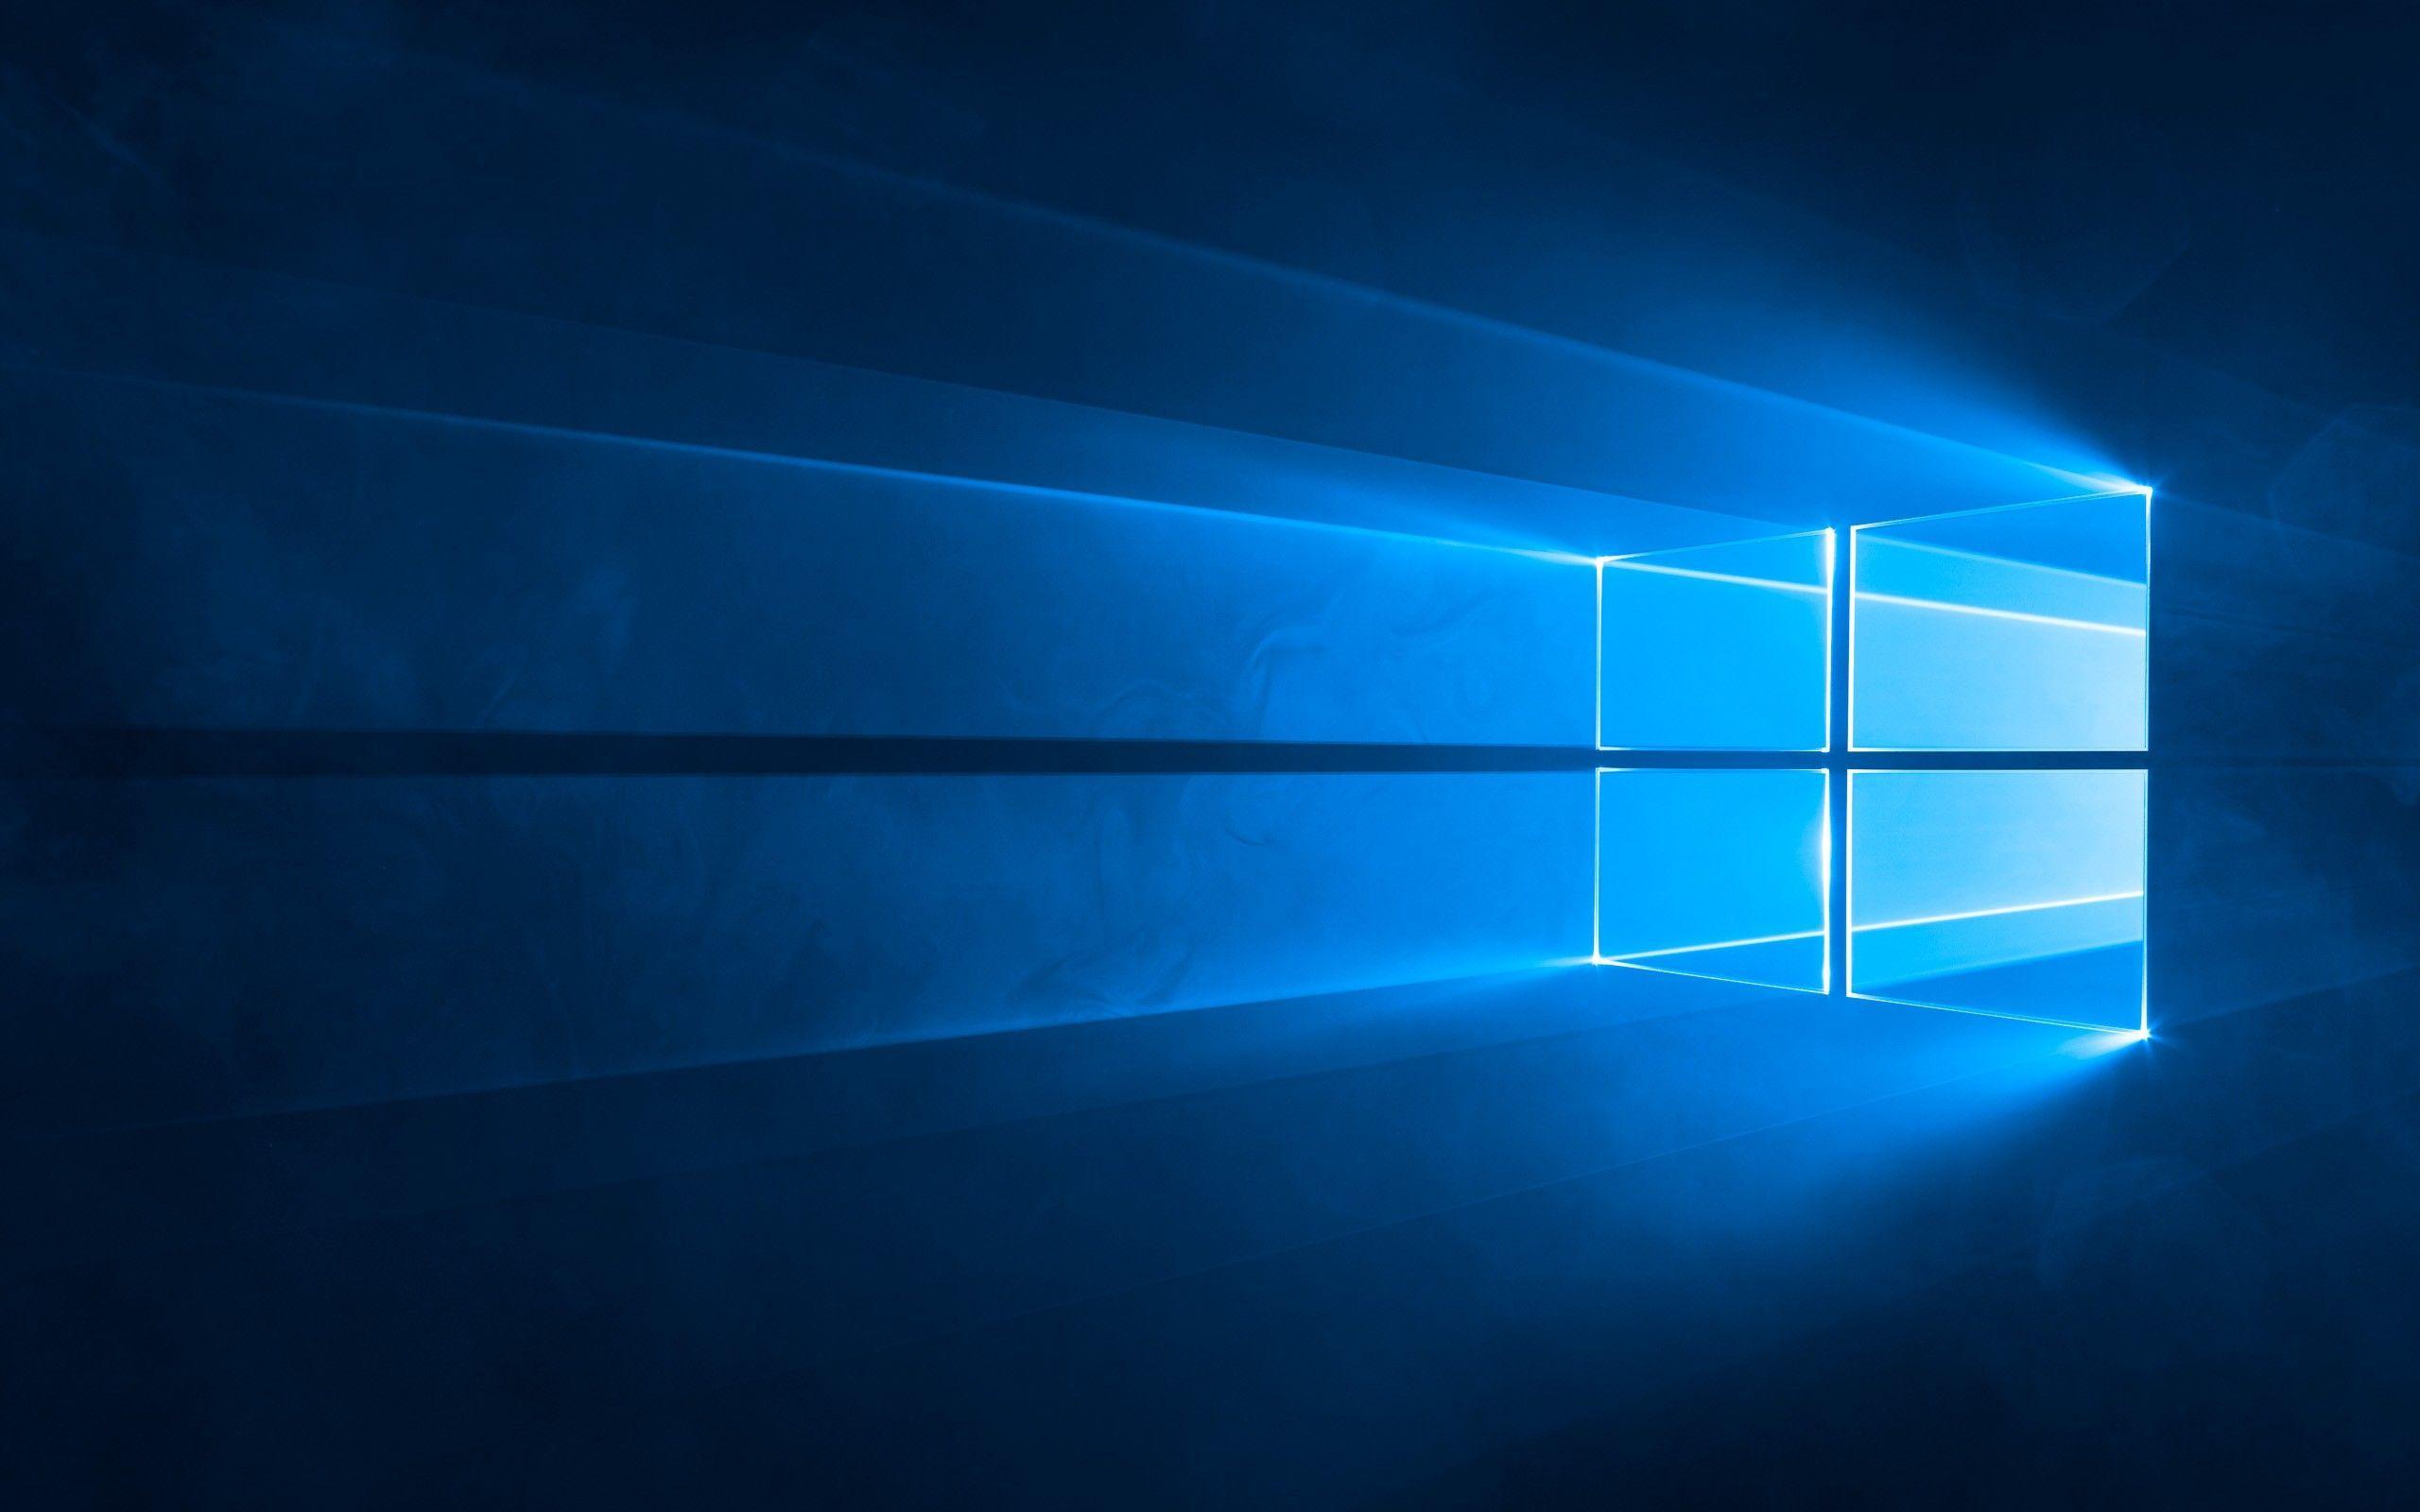 Best Of Windows 10 Default Wallpaper Download Default Download Wallpaper Windows In 2020 Wallpaper Windows 10 Windows Wallpaper Windows 10